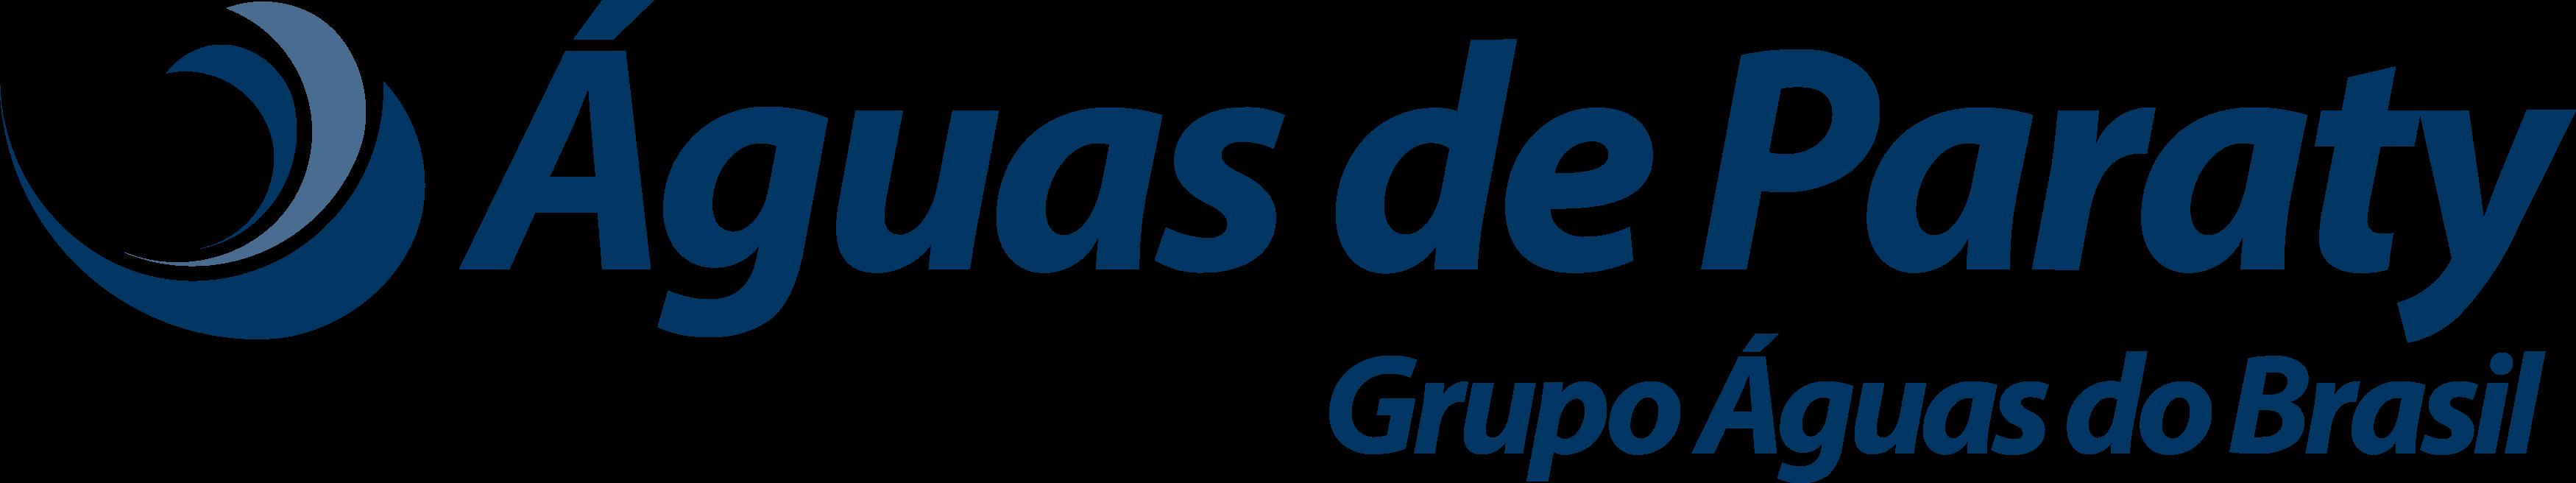 Águas de Paraty Logo.